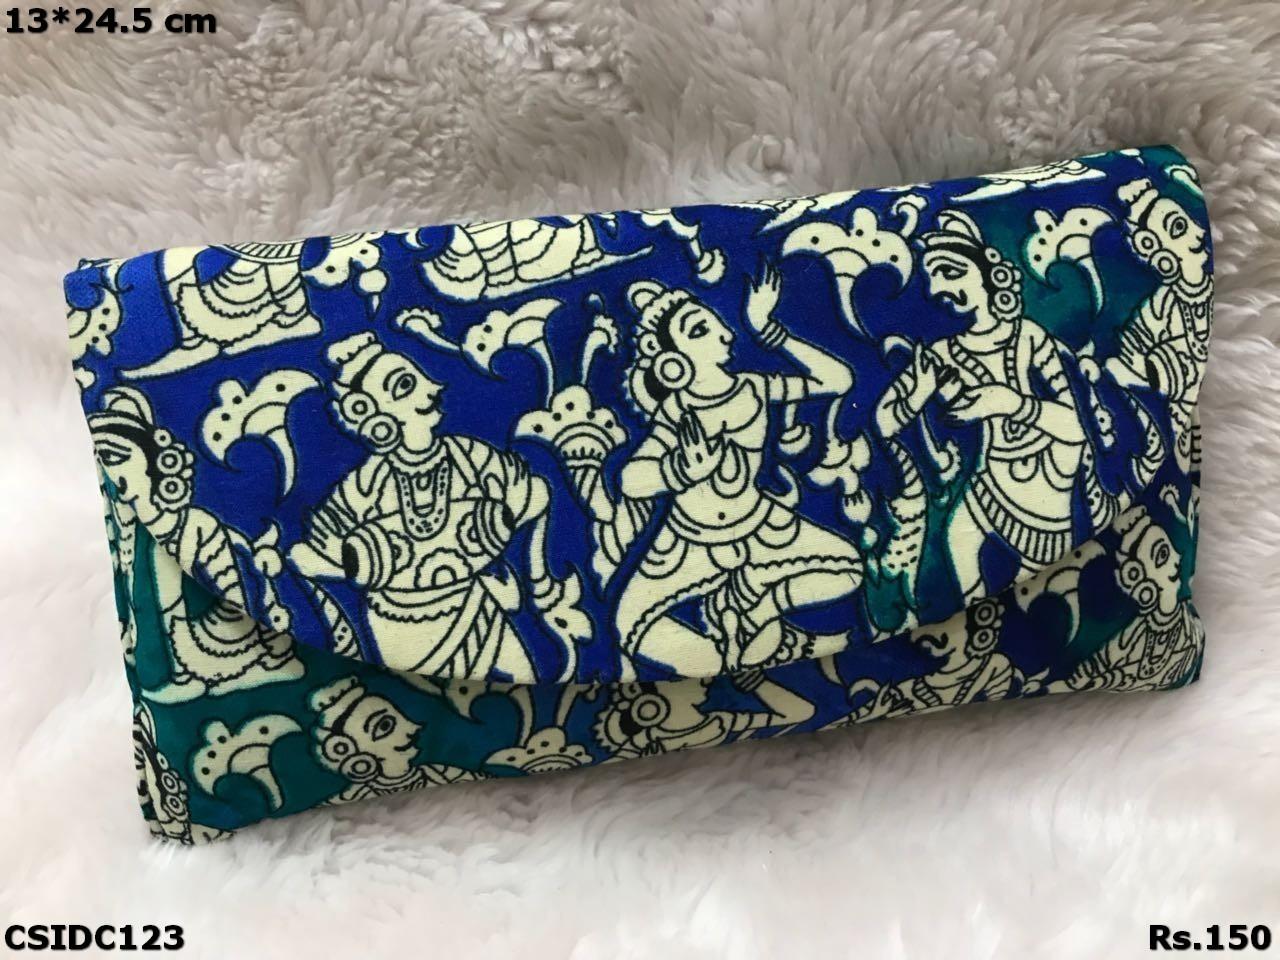 Raw Silk Multicolour Clutch